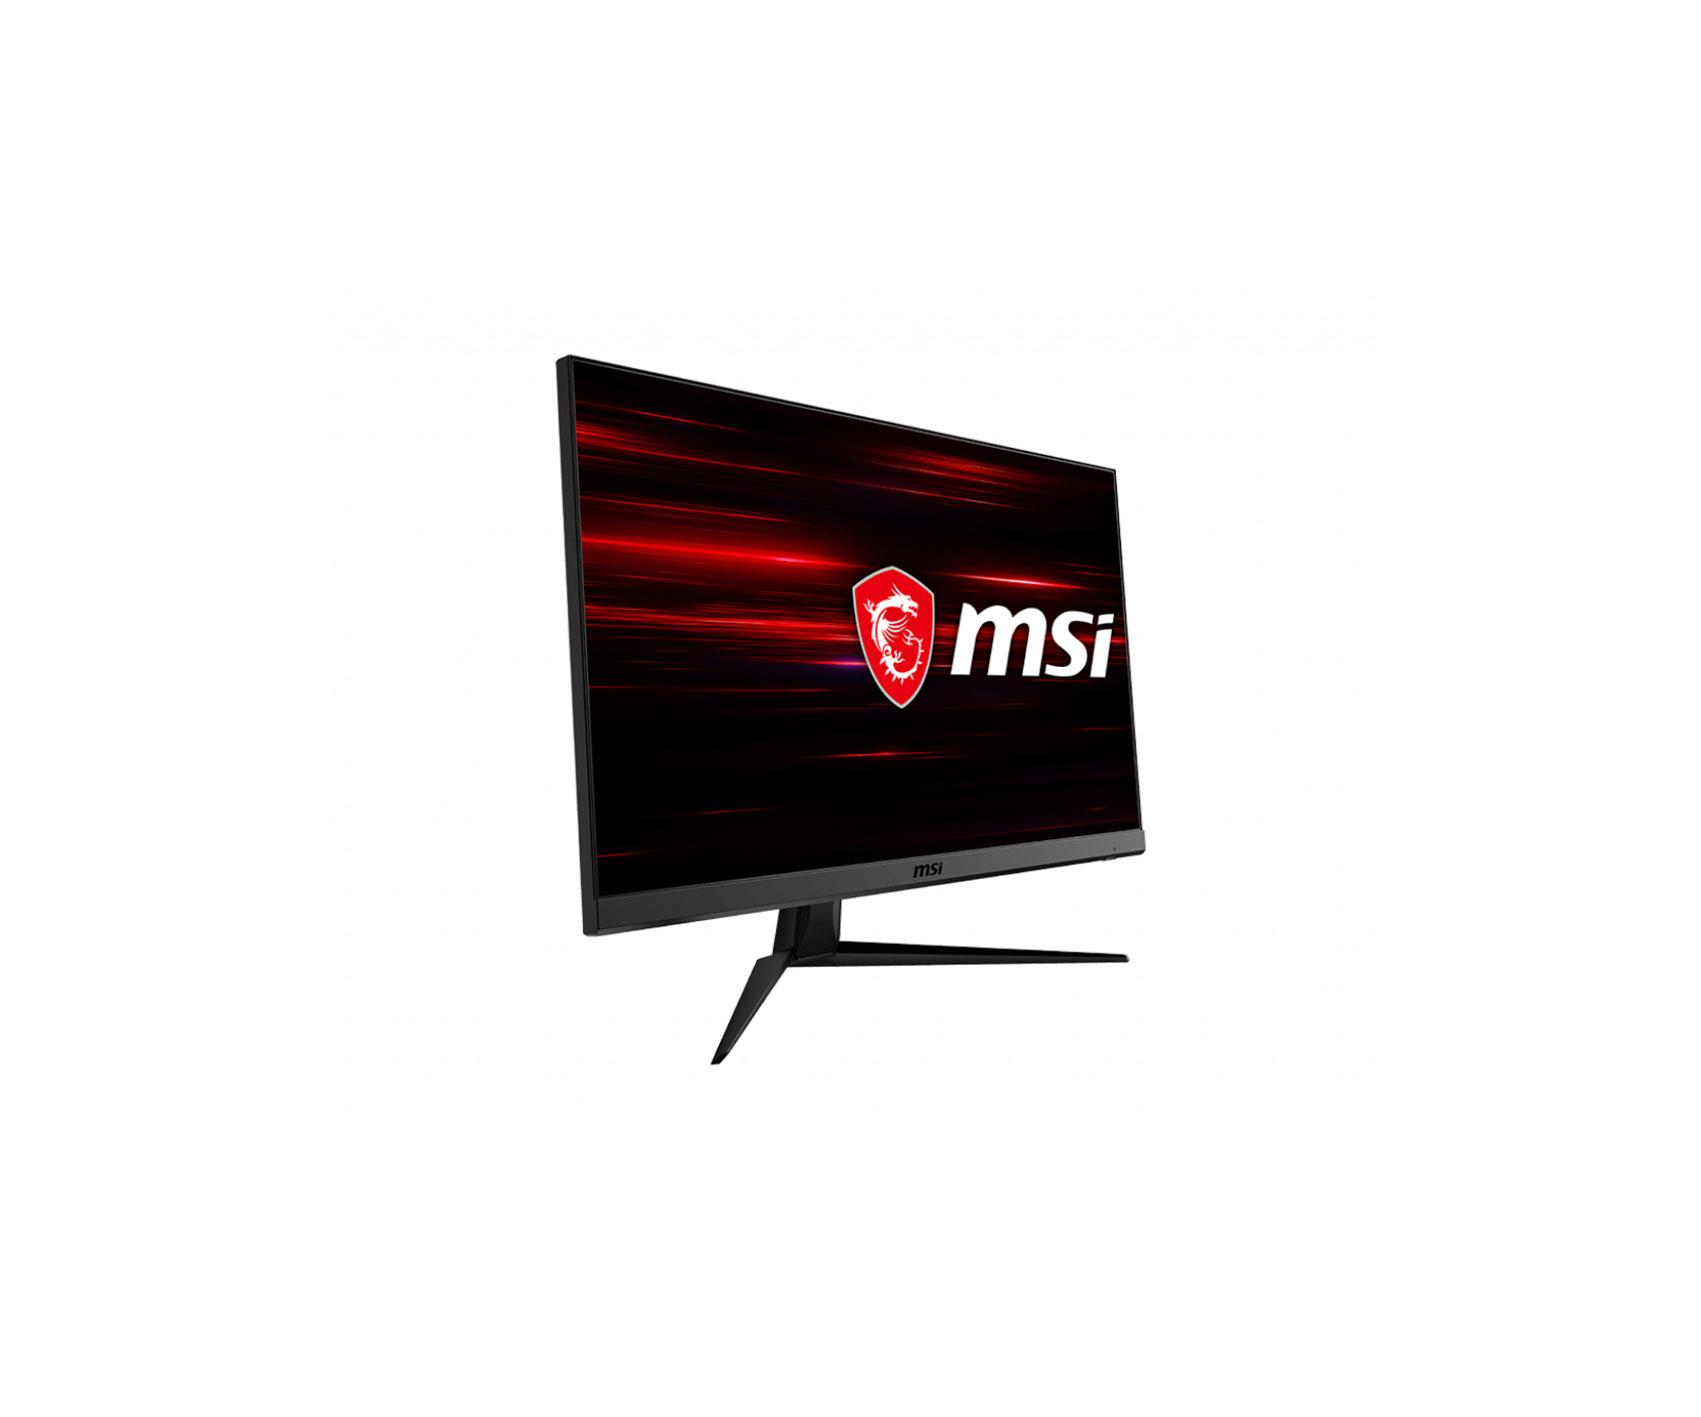 MSI 27 inch Optix G271 IPS 144hz 1ms Monitor